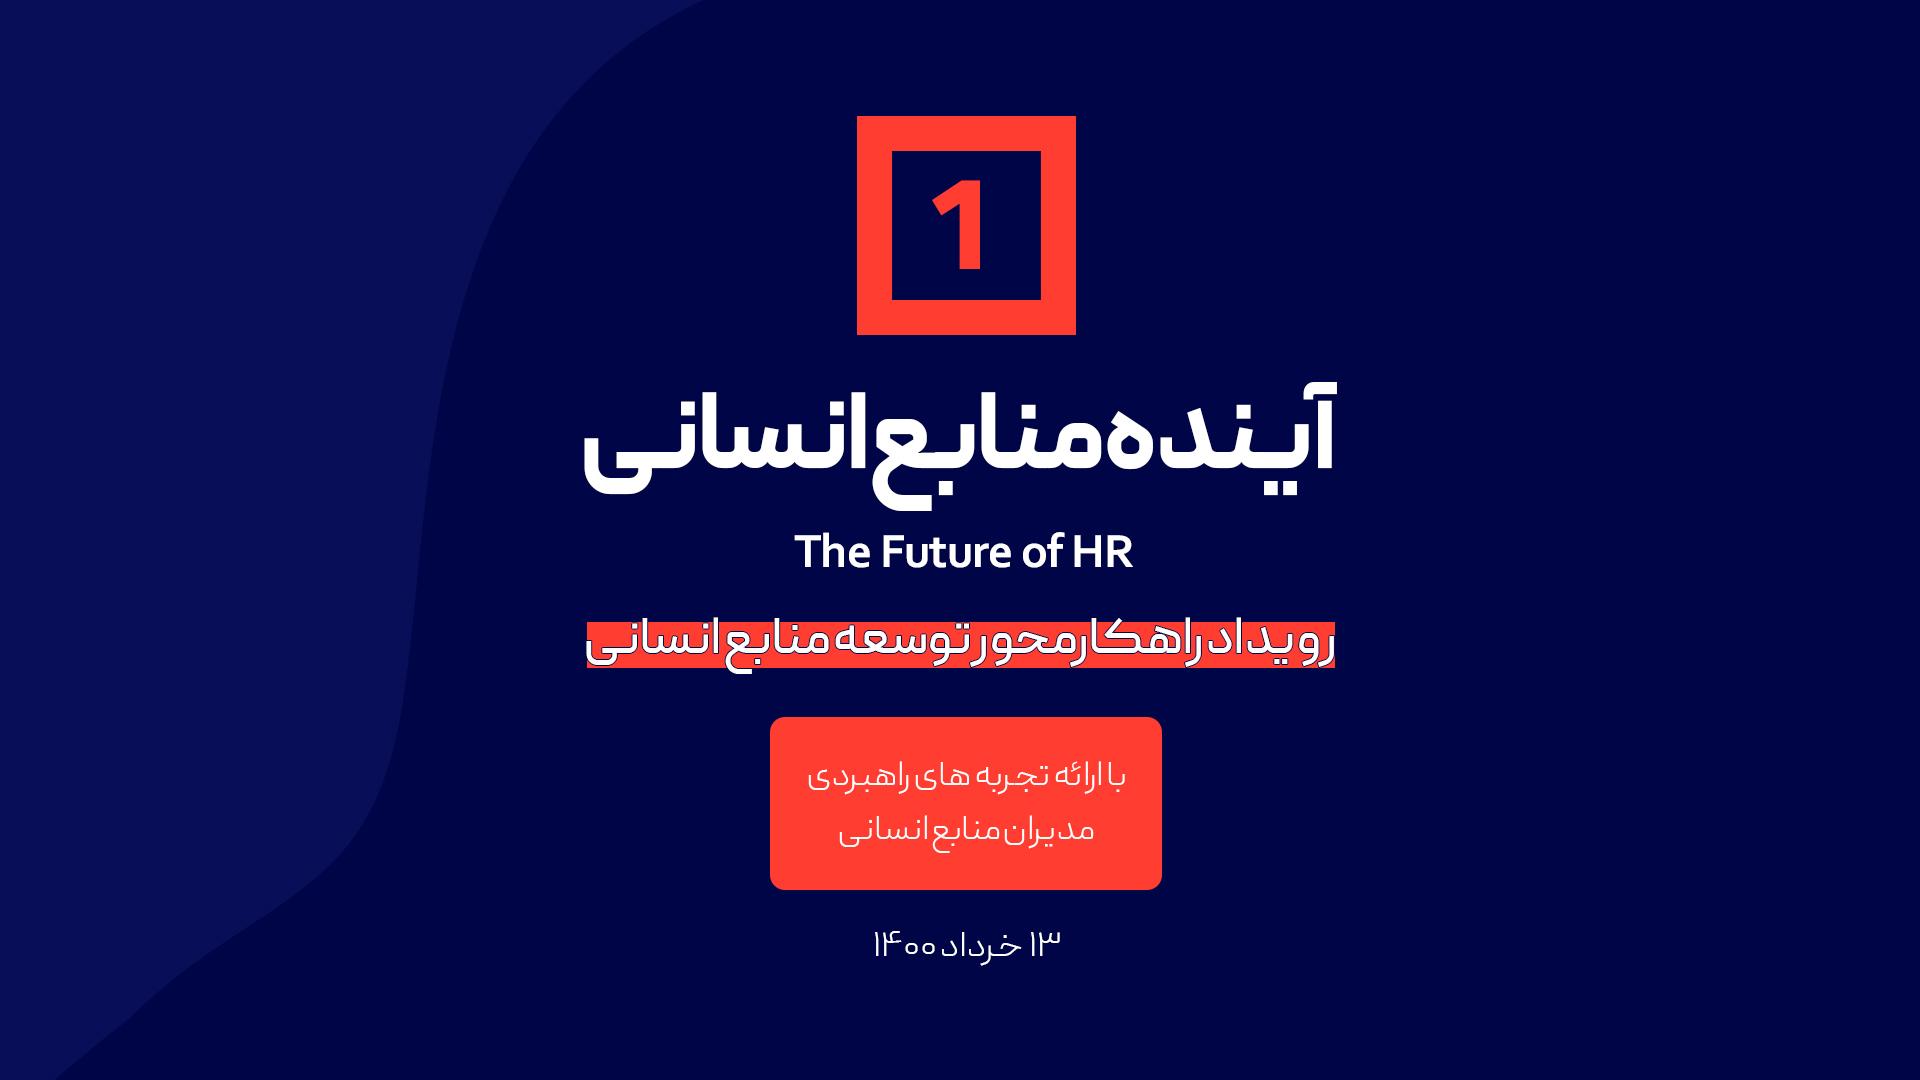 رویداد FHR